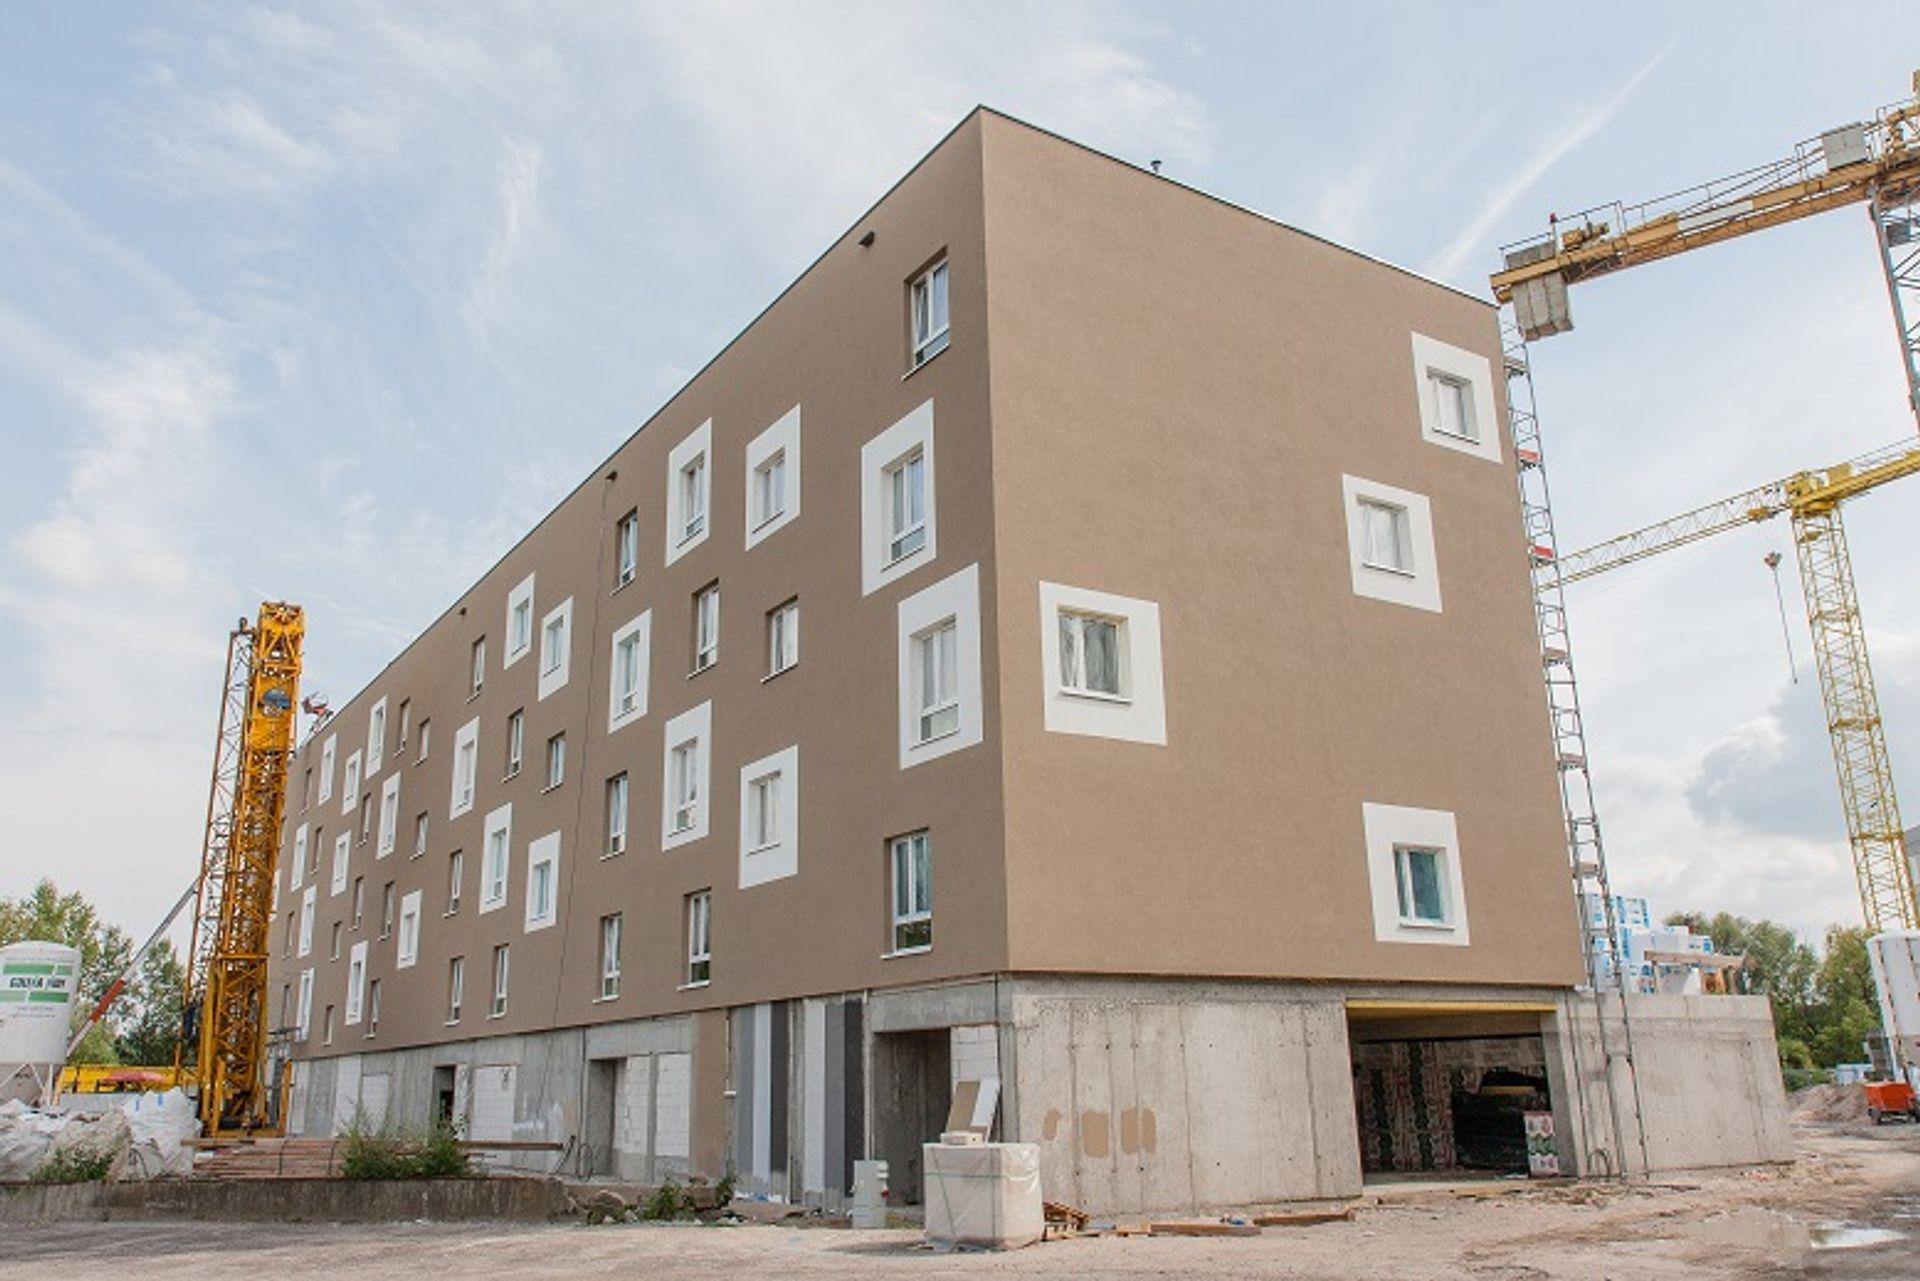 [Wrocław] Bez opóźnień na placu budowy osiedla Nowy Port